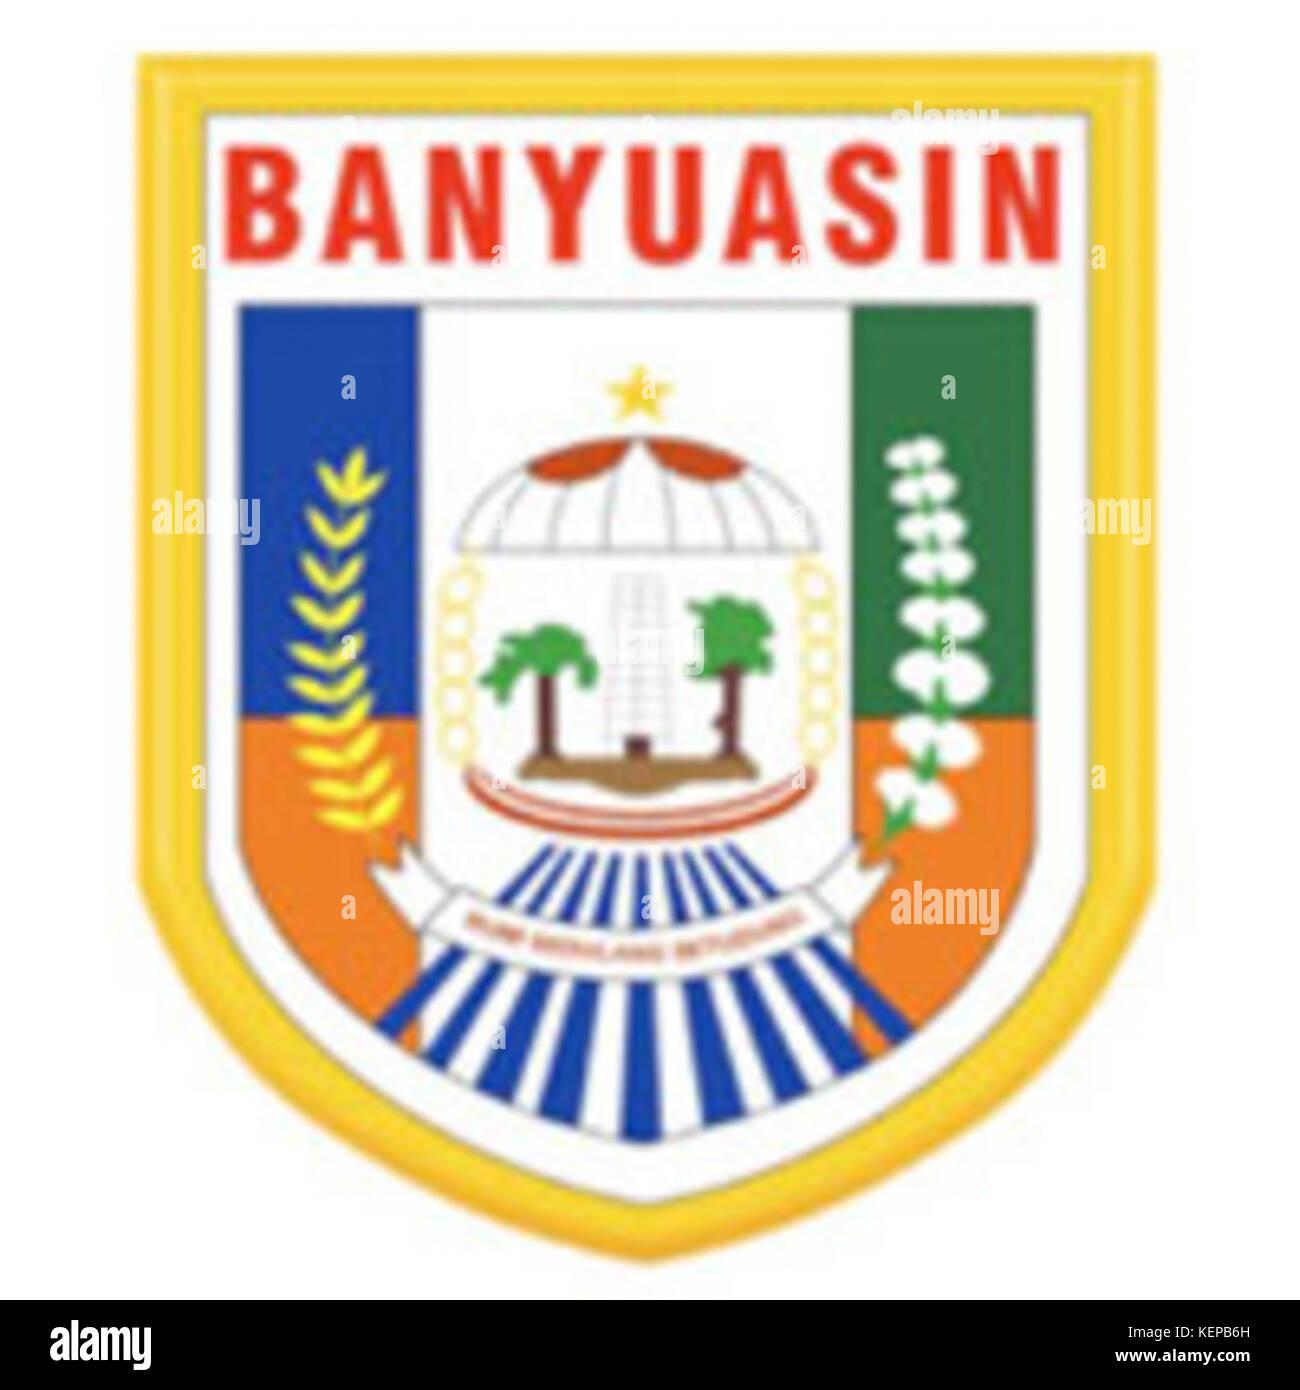 Lambang Kabupaten Banyuasin Stock Photo Alamy